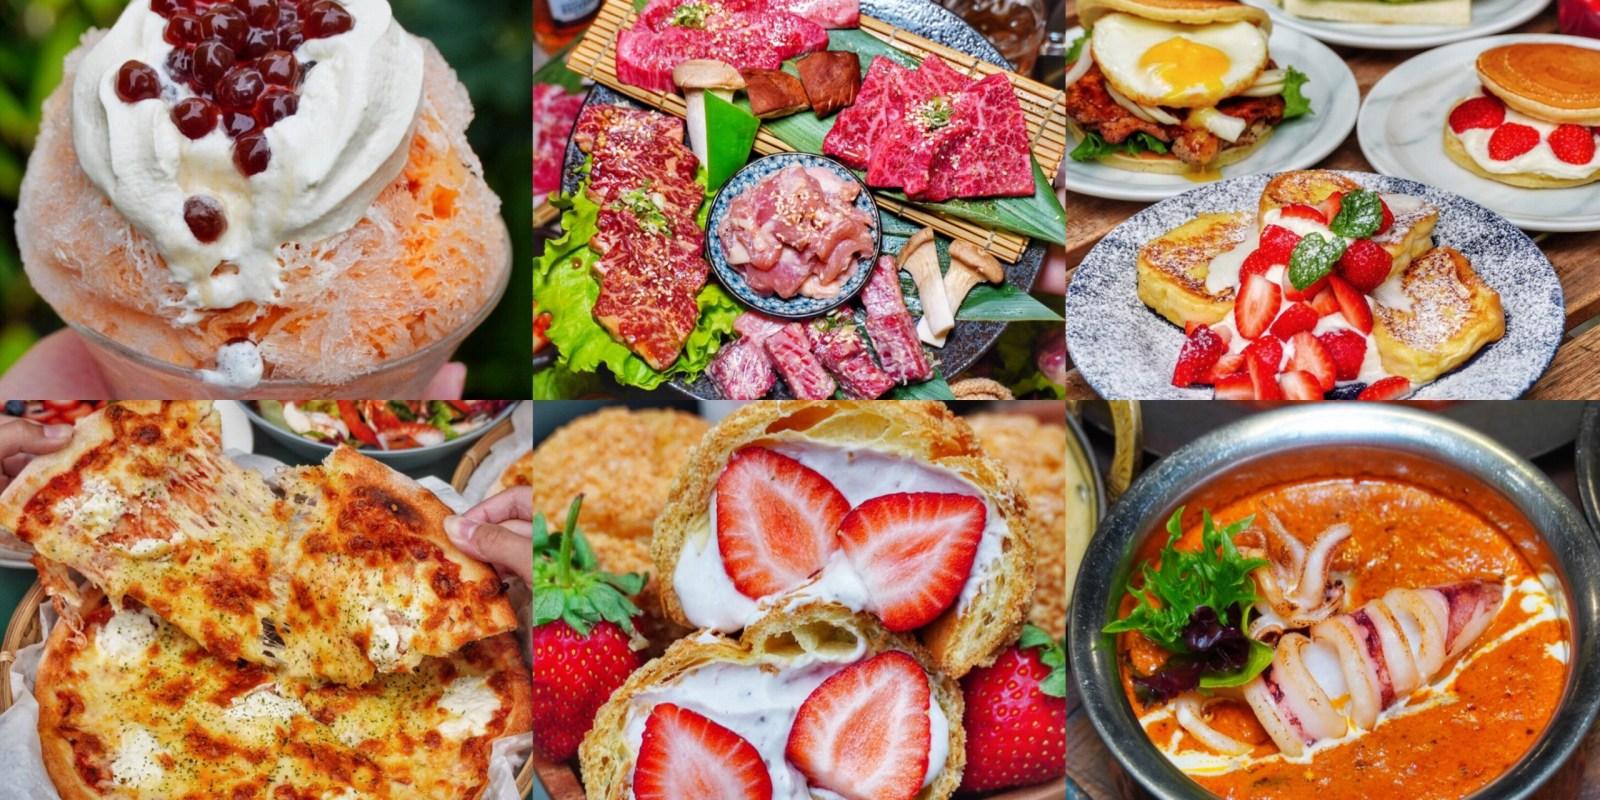 【嘉義美食】嘉義市立美術館周邊六家美食攻略!!! 超牽絲起司比薩、燒肉、印度咖哩 從早餐到晚餐全包|嘉義火車站